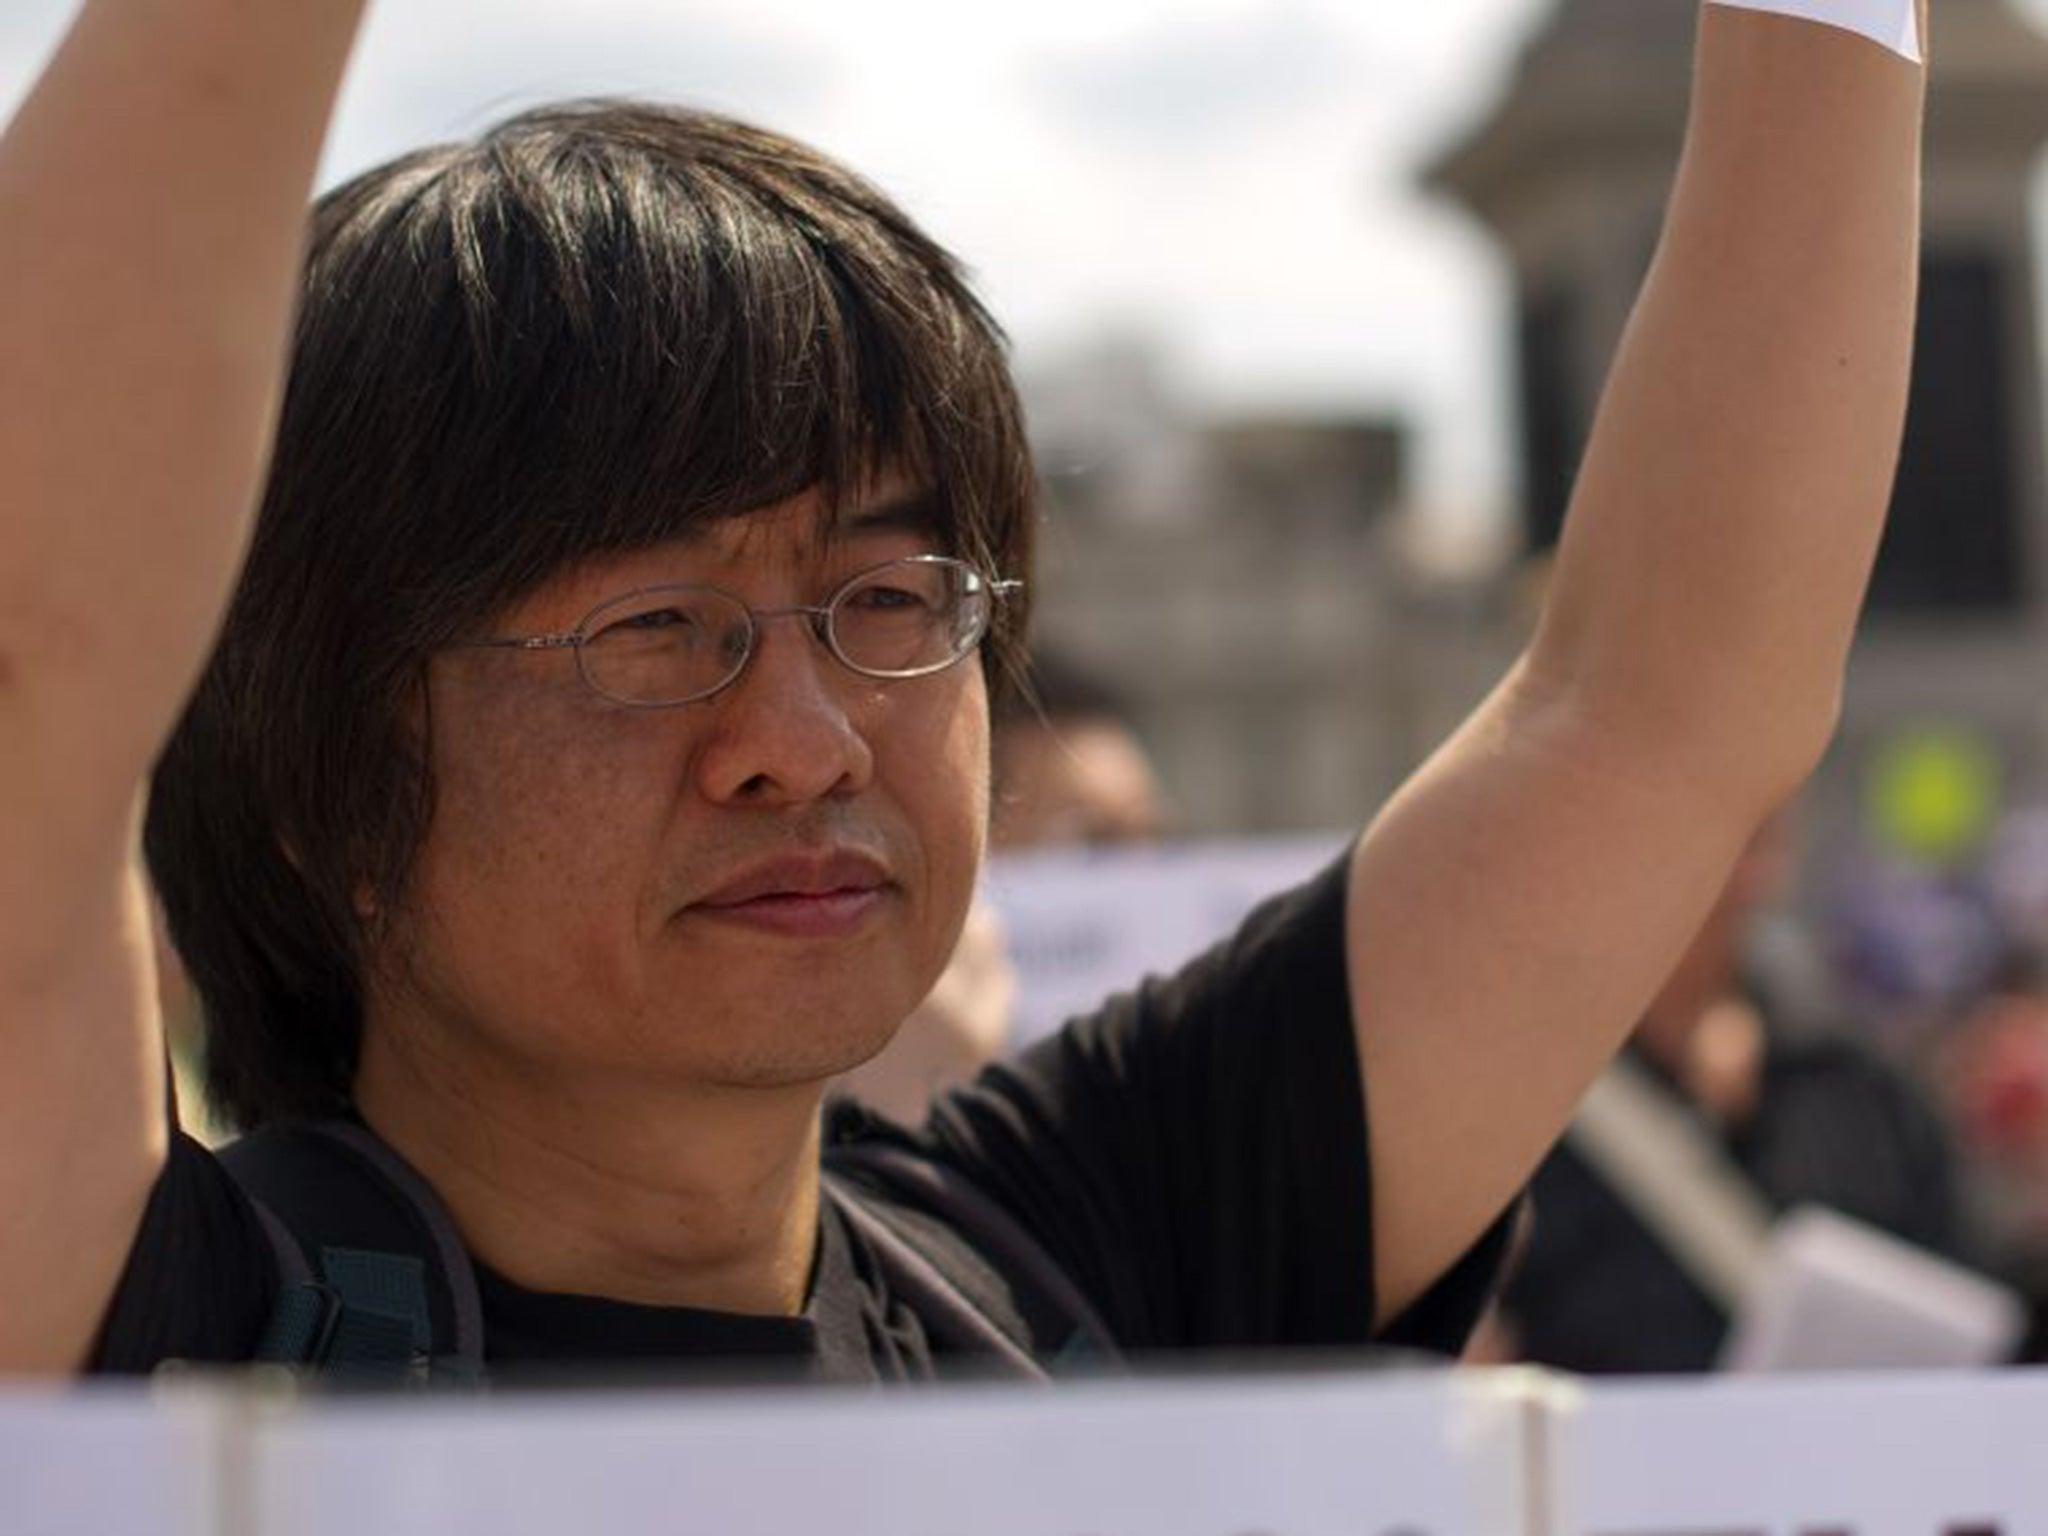 <b>Shao Jiang</b>: Protester says UK now as bad as China over human rights | UK ... - Shao-Jiang